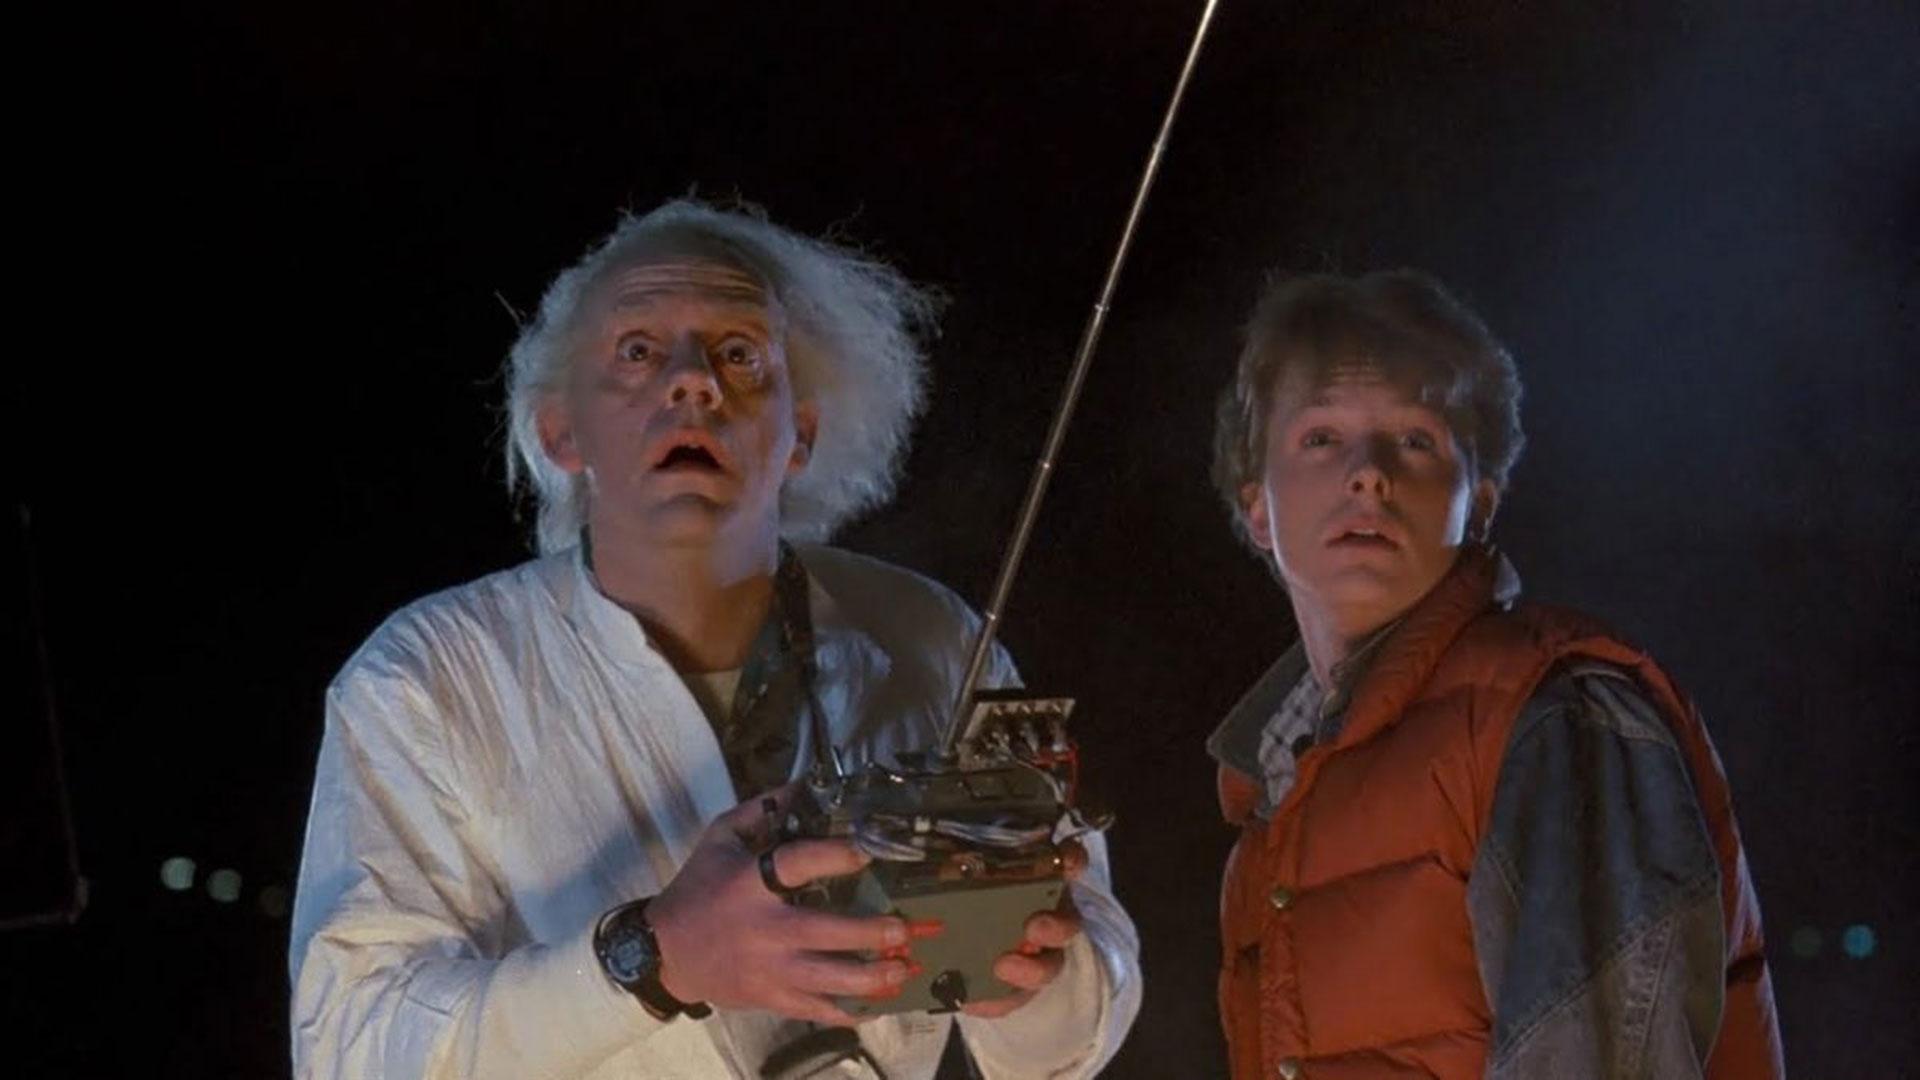 Volver al Futuro, protagonizada por Christopher Llloyd y Michael J. Fox